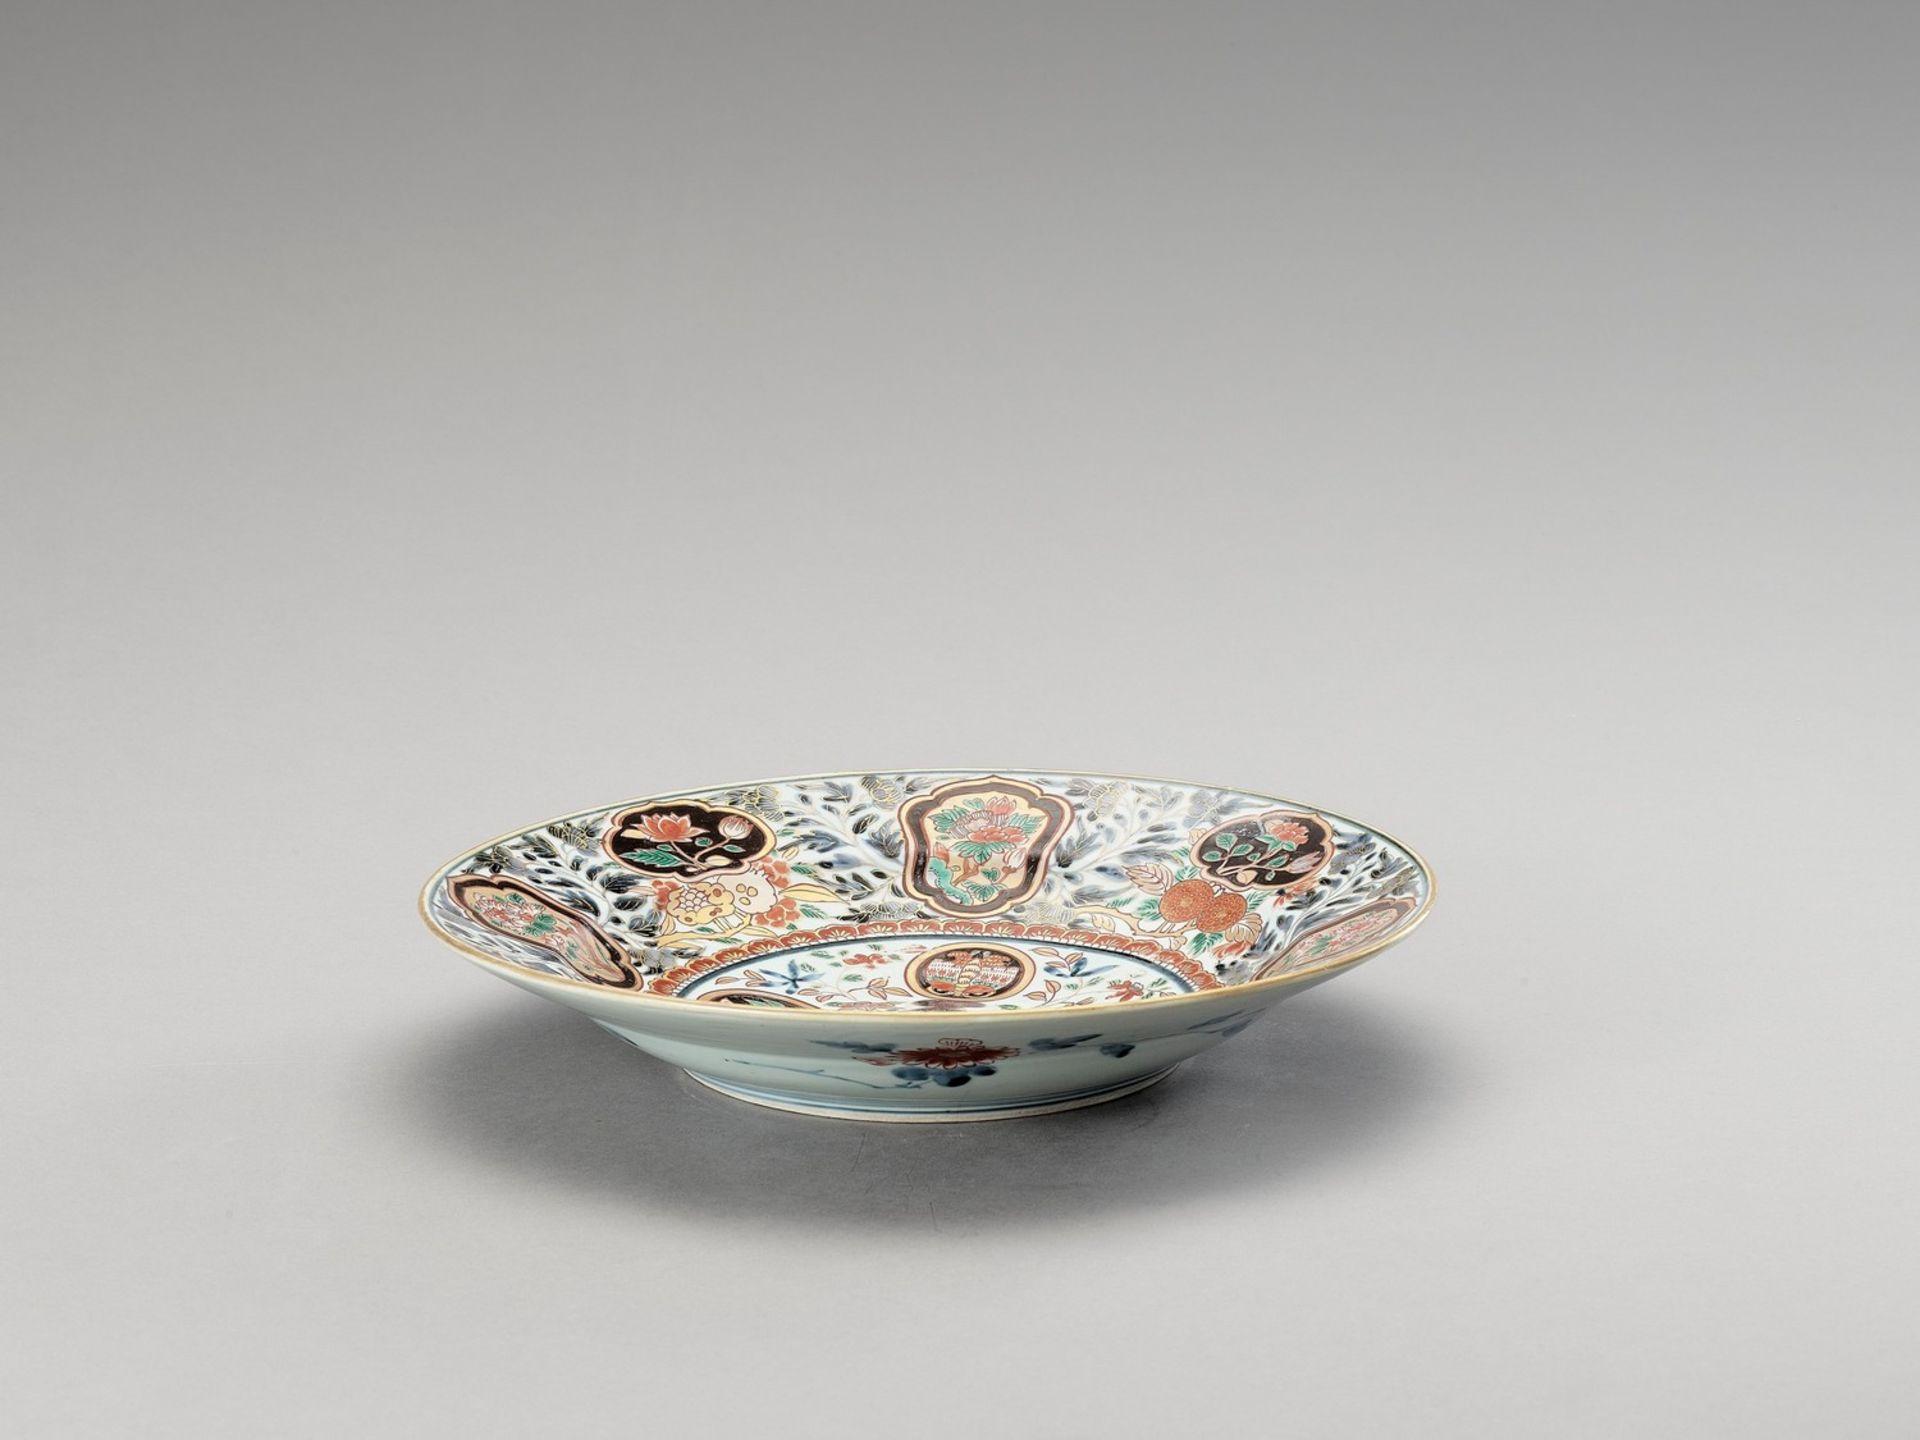 A LARGE 'FLORAL' IMARI PORCELAIN PLATE - Bild 4 aus 4